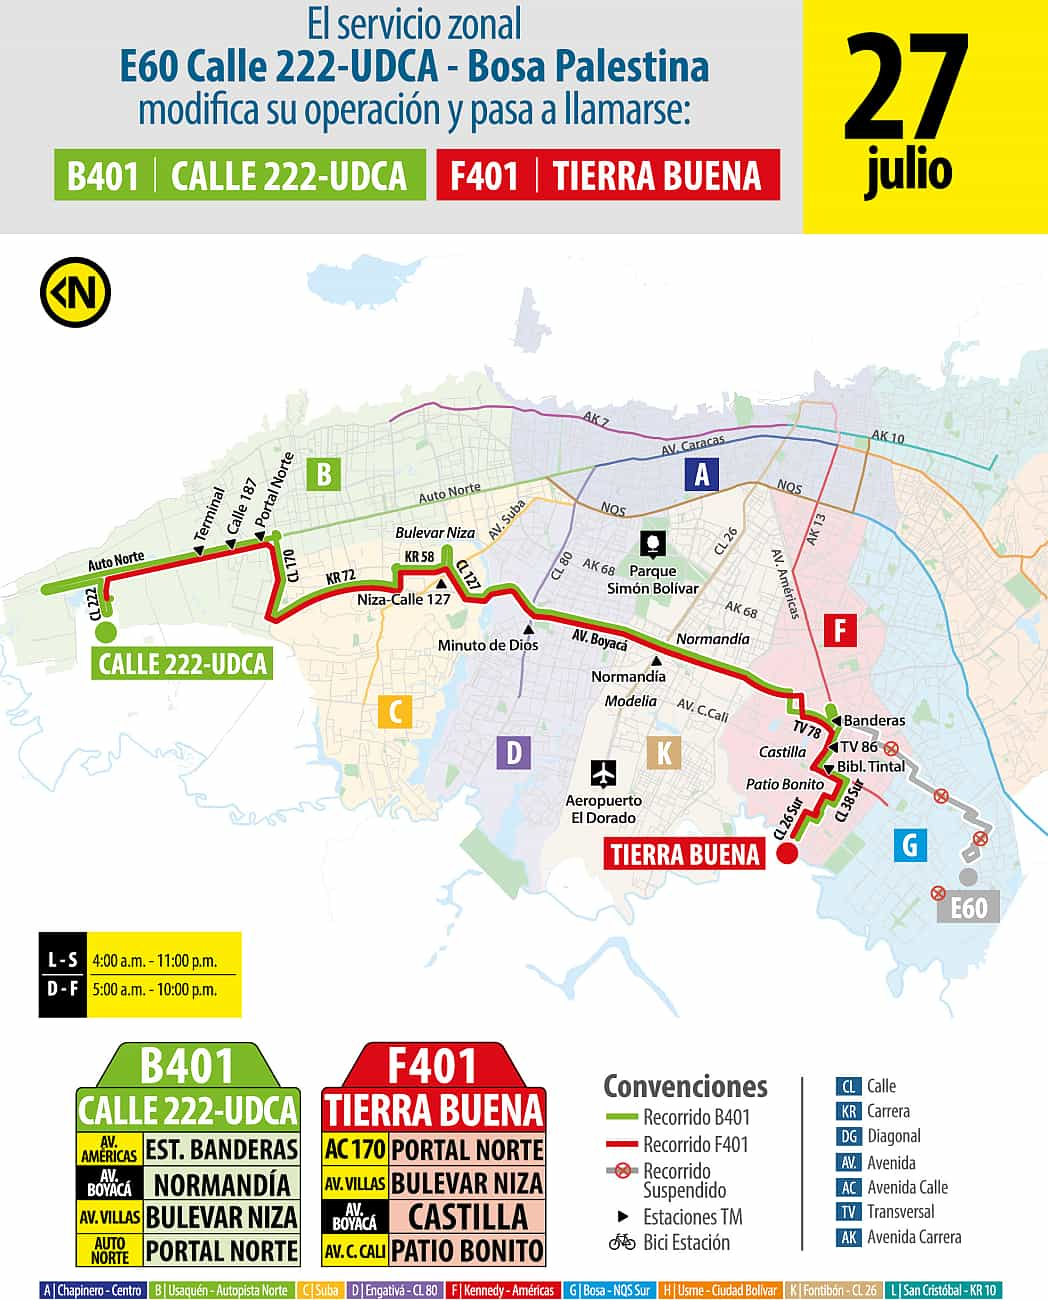 Servicio de bus urbano B401- Calle 222 UDCA - F401 Tierra Buena